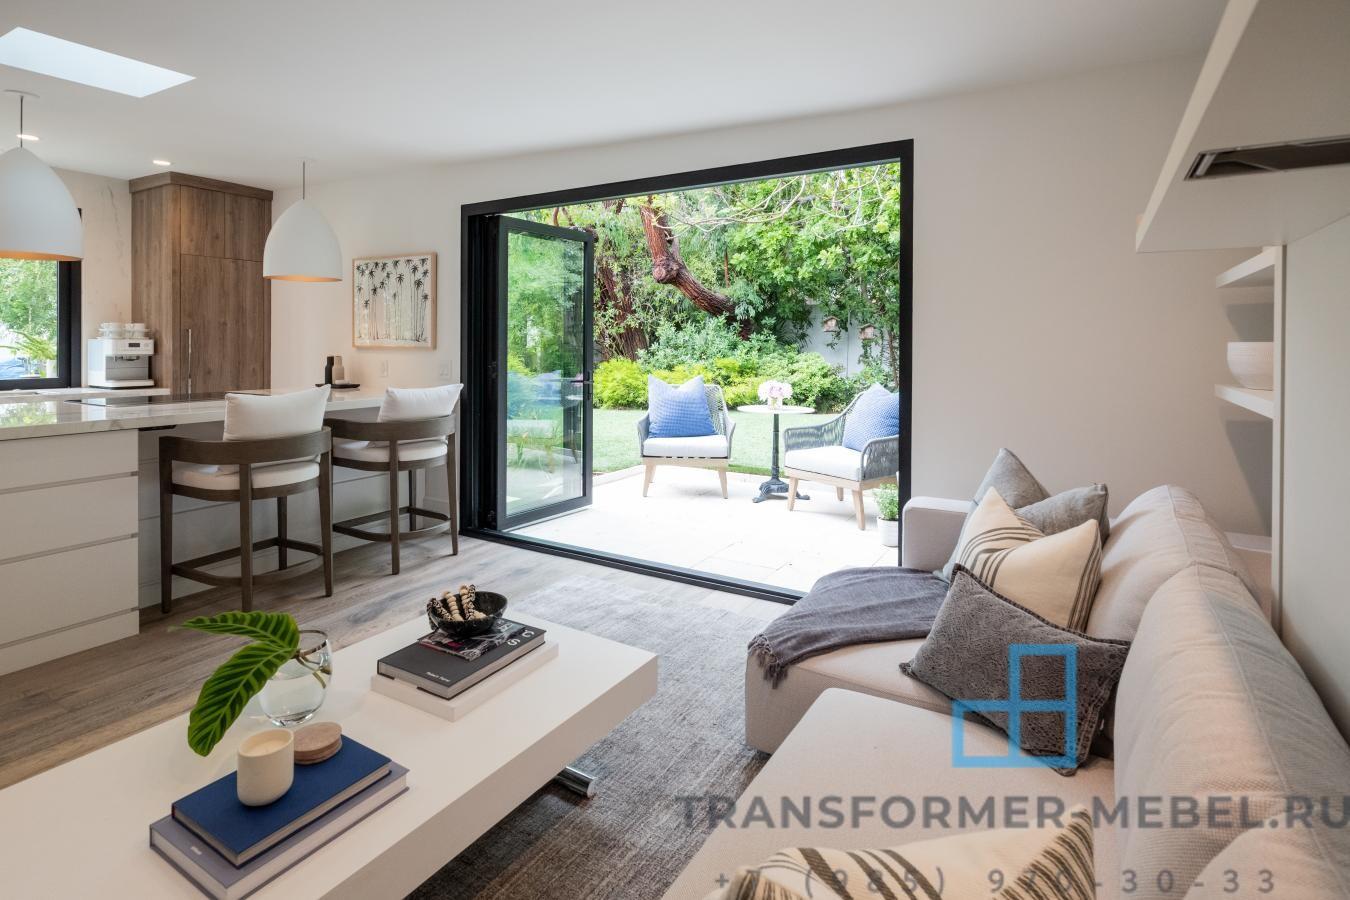 мебель трансформер с диваном 3